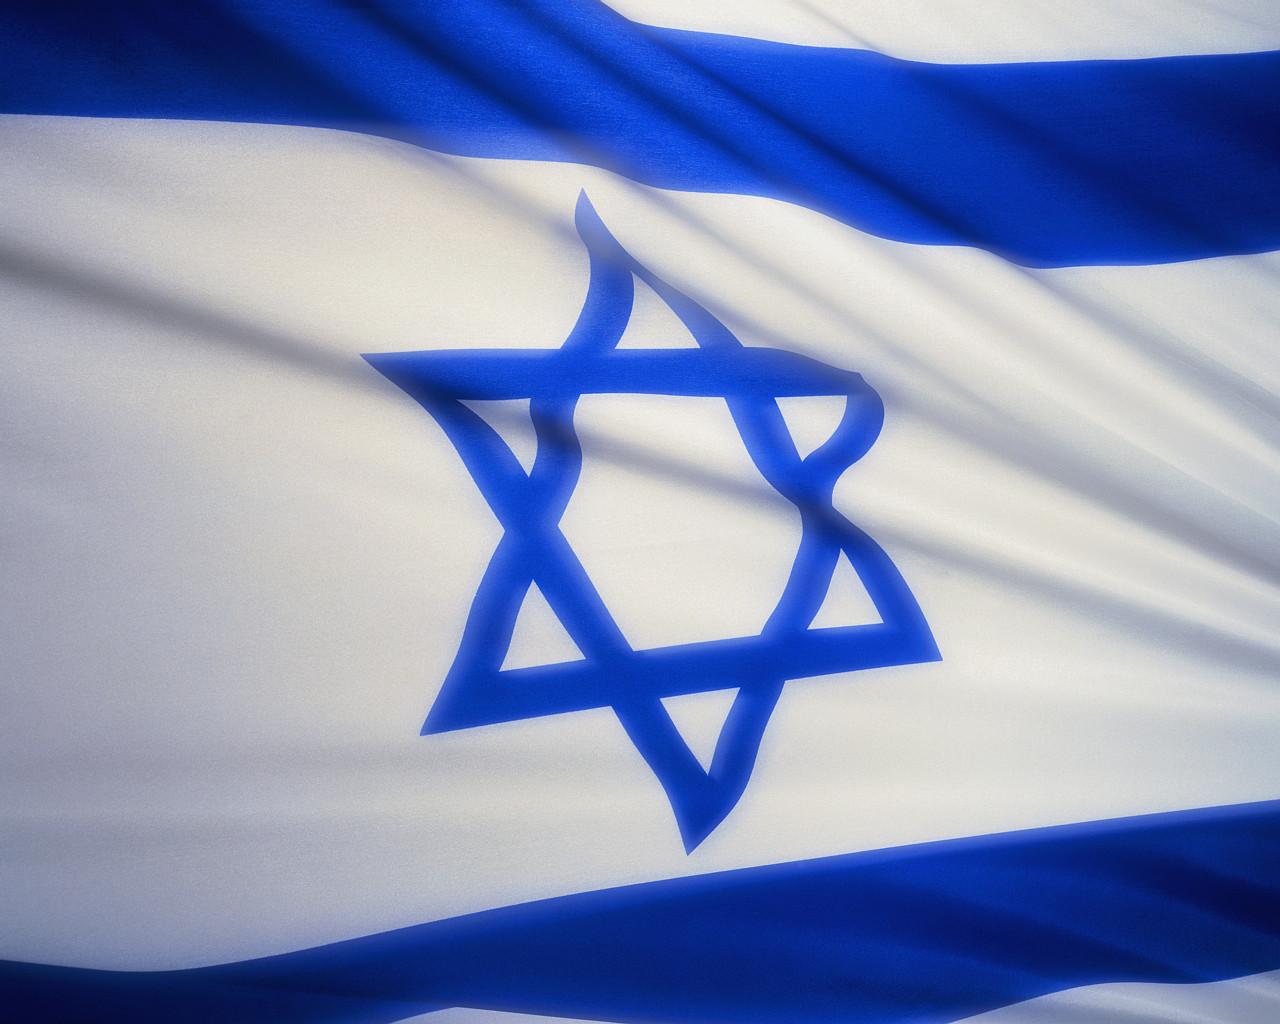 Un'equidistanza con troppi pesi e troppe misure: condannare Israele non serve ad assolvere noi stessi